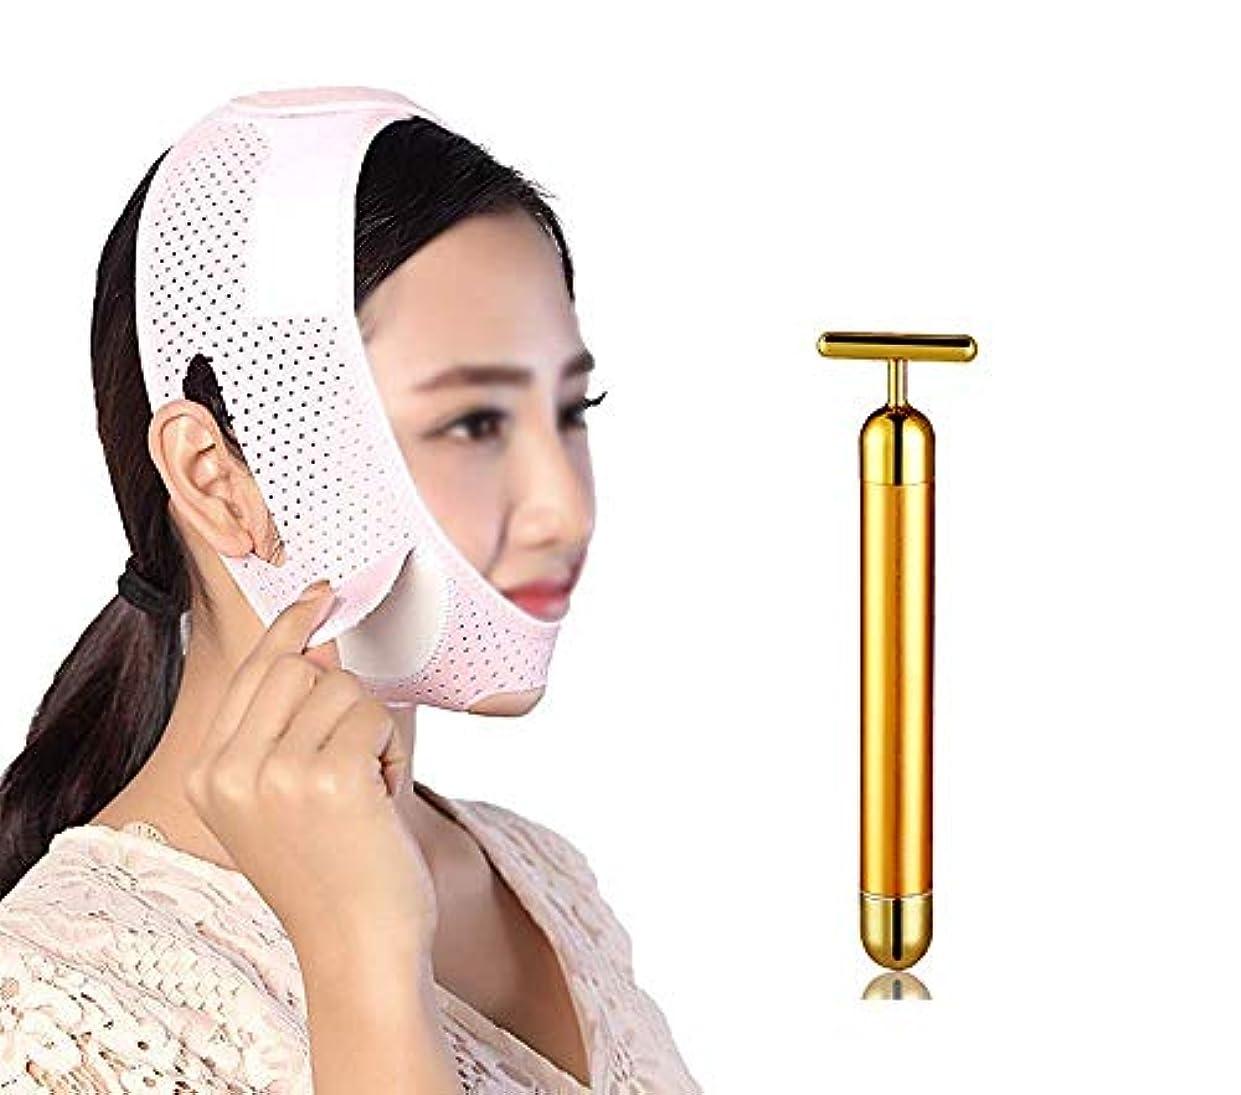 粉砕する盲信葬儀顔と首を持ち上げる術後弾性セットVフェイスマスクは、チンV顔アーティファクト回復サポートベルトの収縮の調整を強化します。